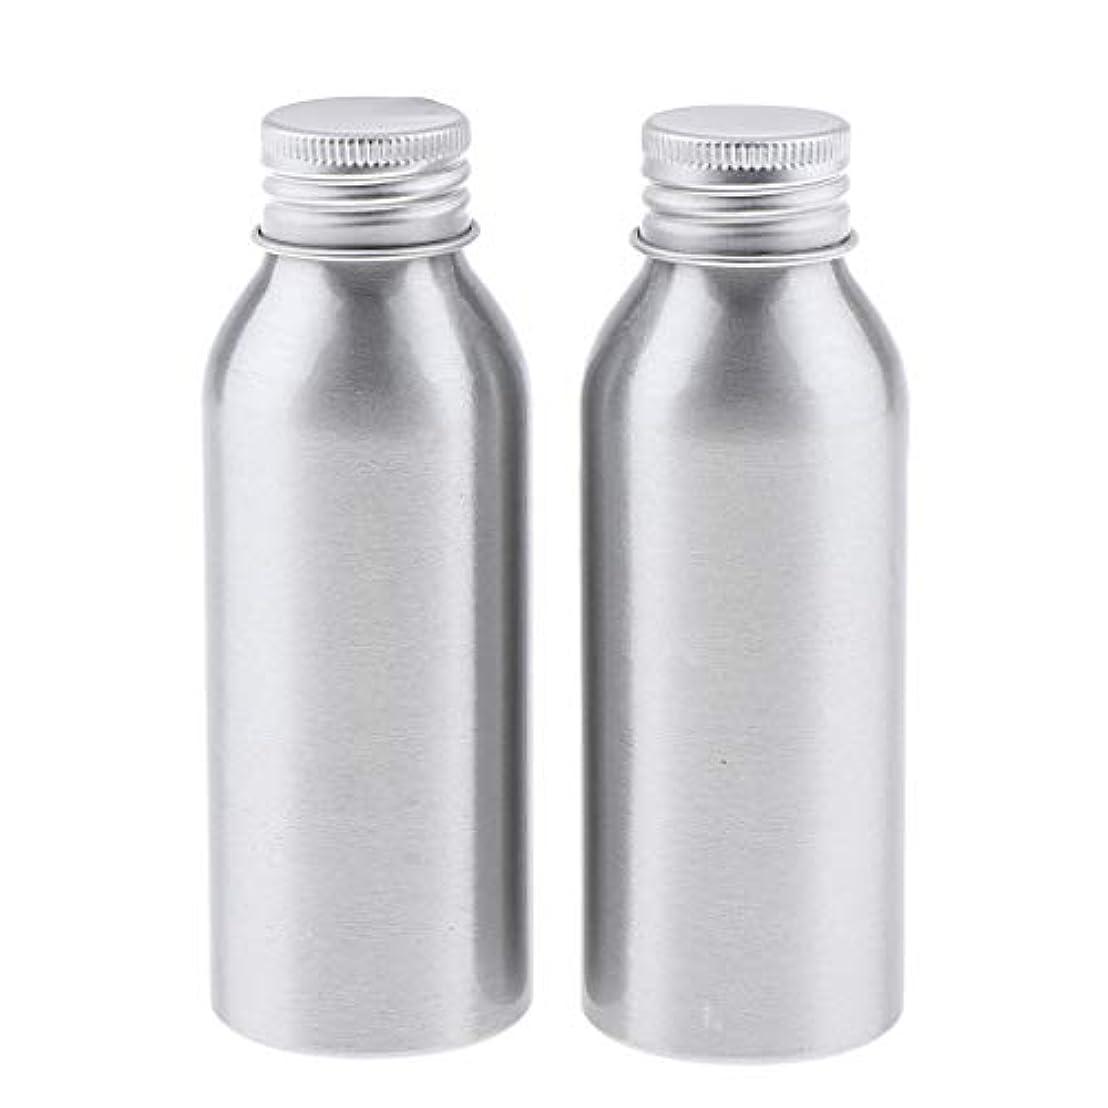 汚染された告白スクリーチディスペンサーボトル 空ボトル アルミボトル 化粧品ボトル 詰替え容器 広い口 防錆 全5サイズ - 100ml